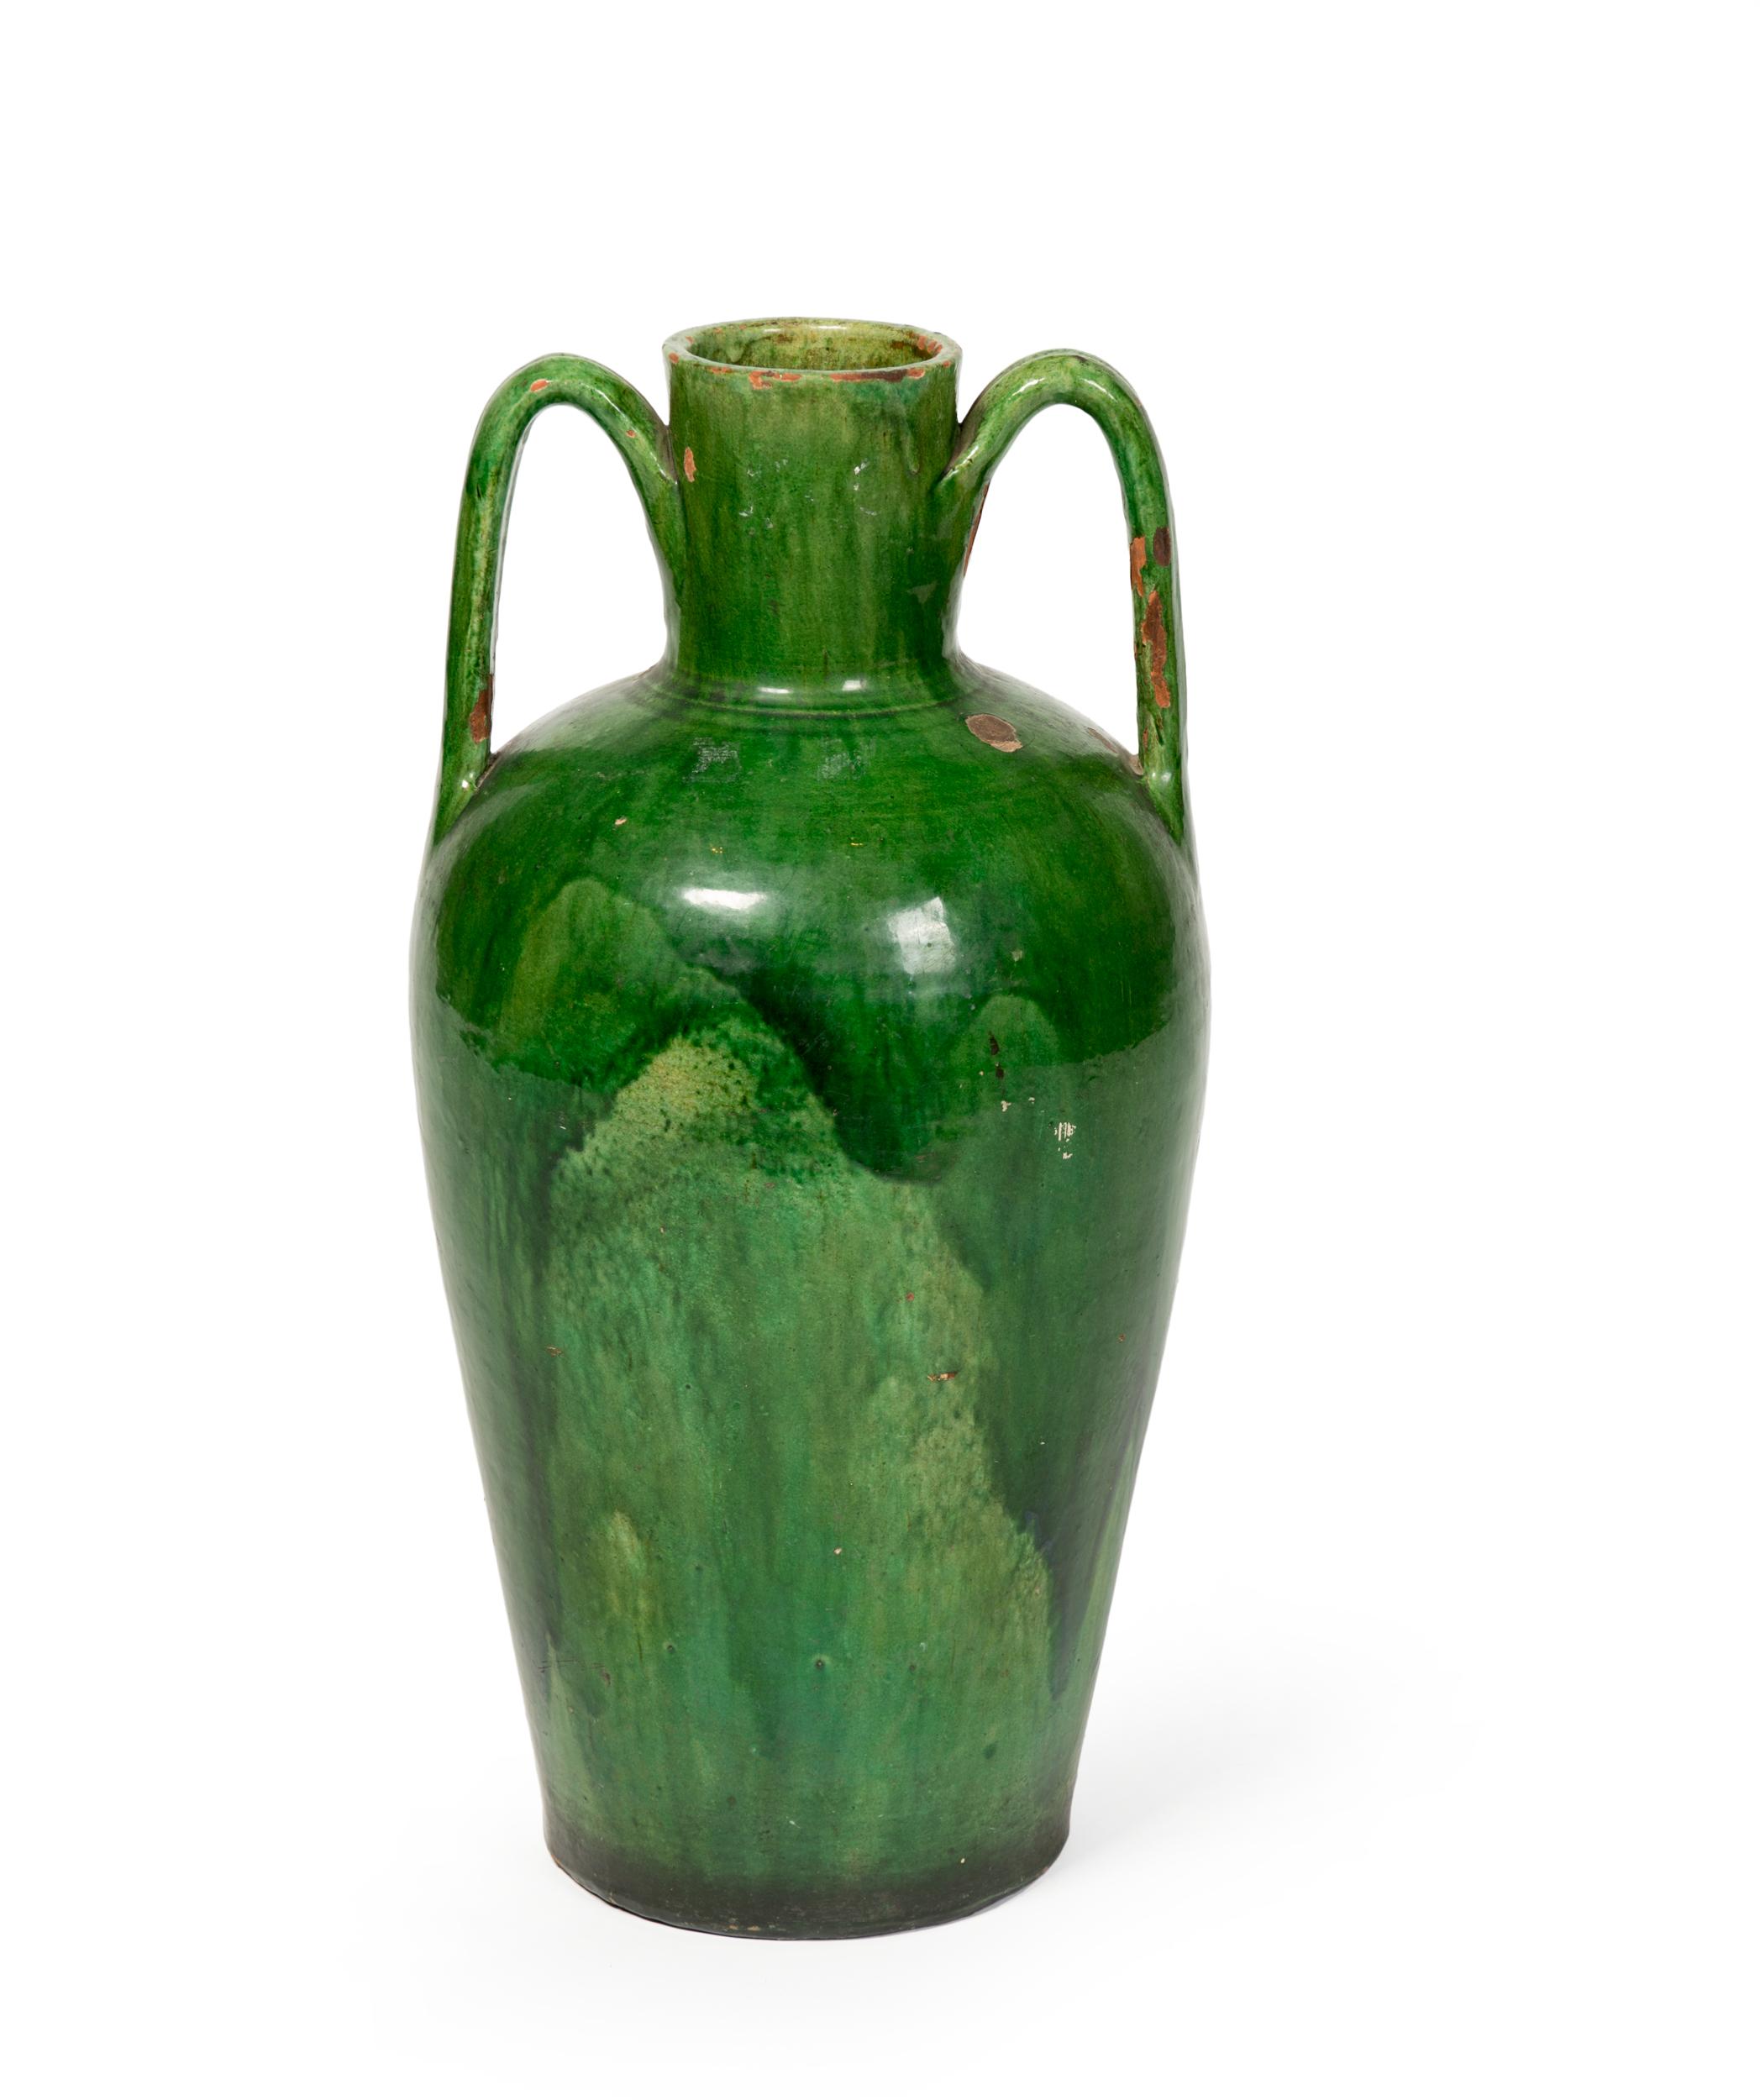 earthenware_vase_antique_10i